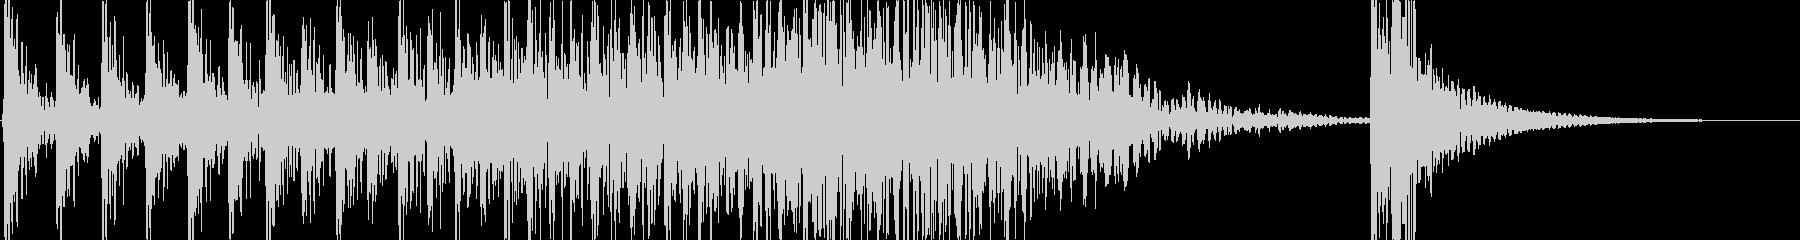 ドコドコドコ…ドドン! 和太鼓のロール音の未再生の波形